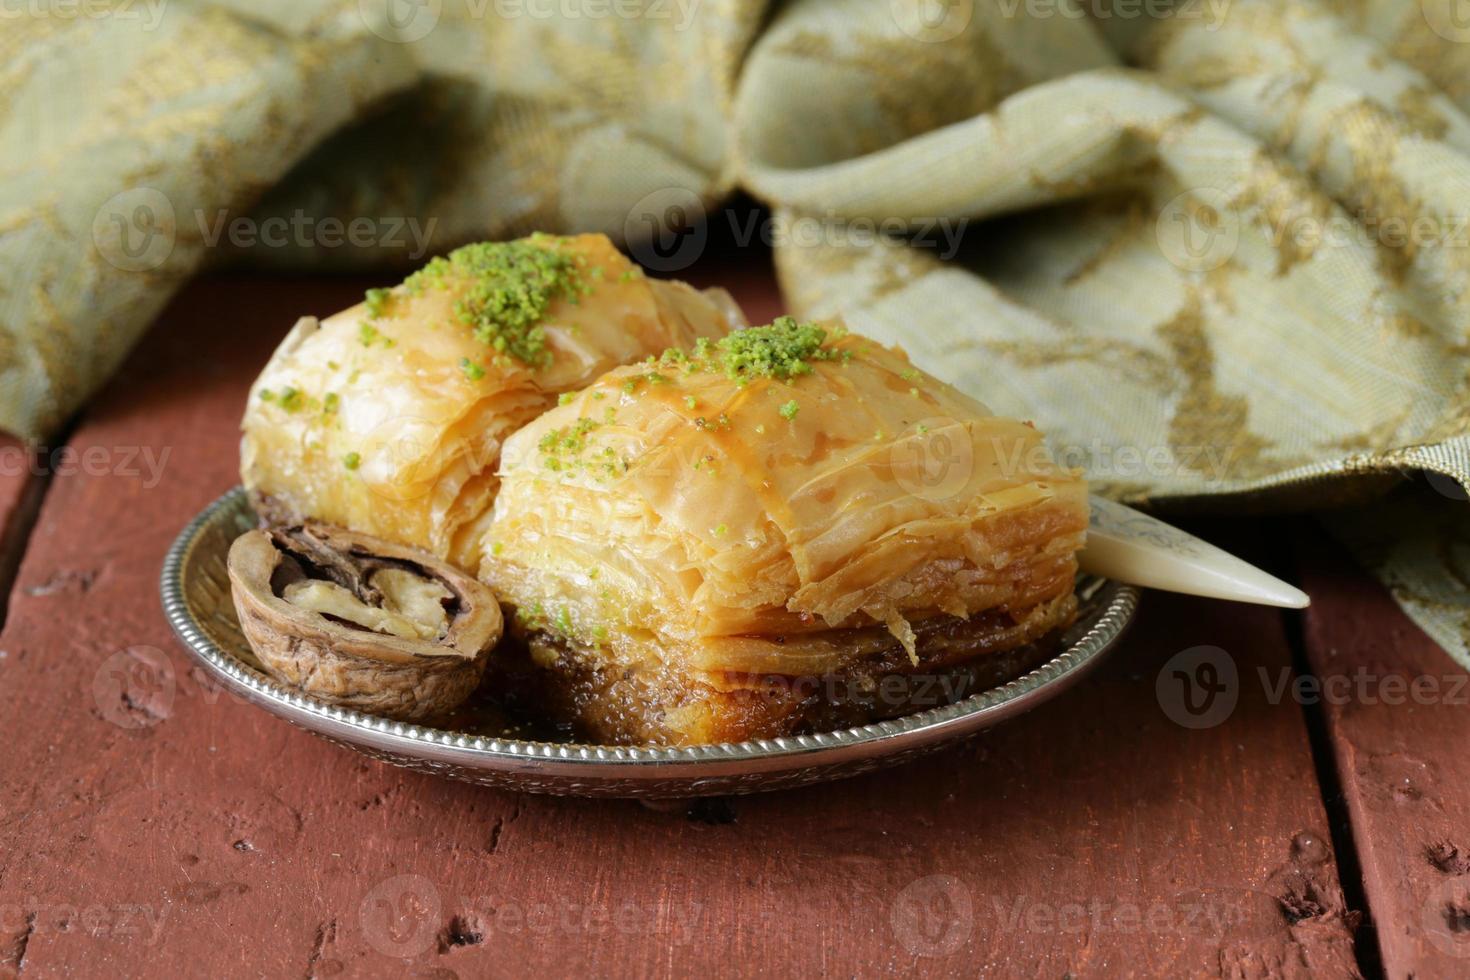 baklava de sobremesa árabe turca com mel e nozes foto